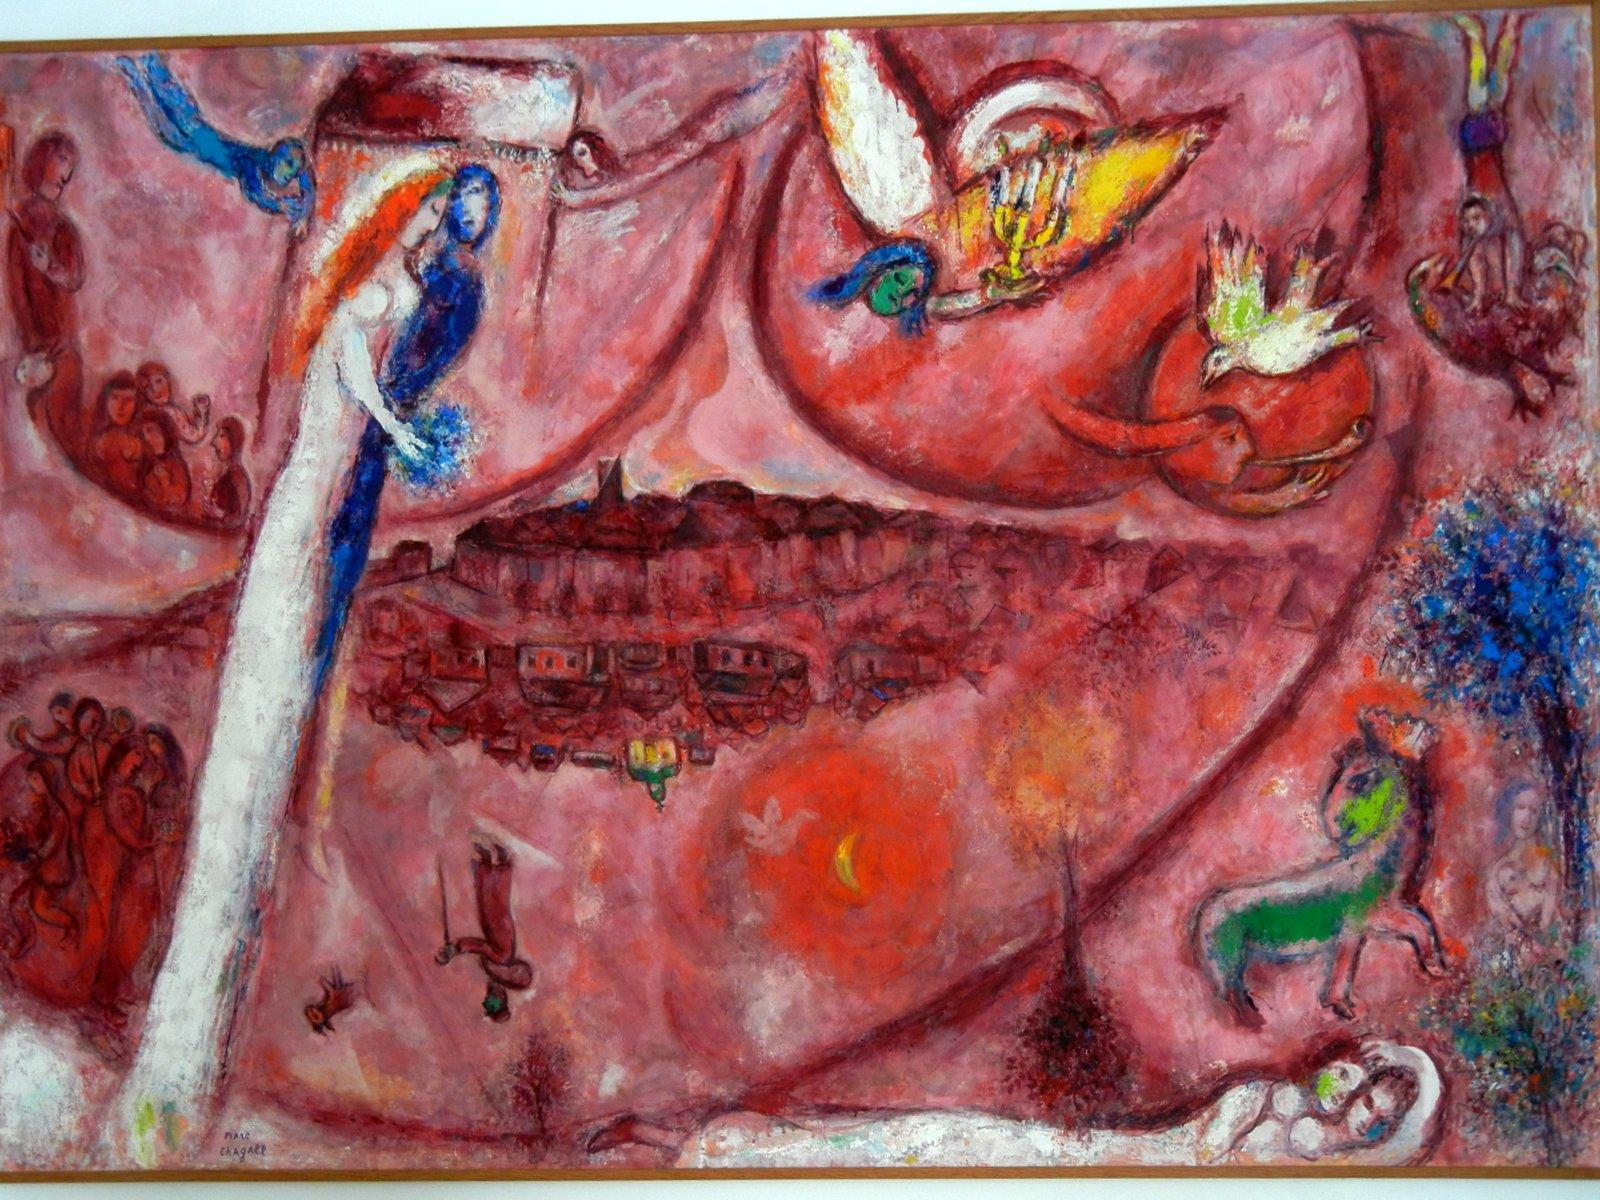 Cantar-de-los-cantares-III-Marc-Chagall